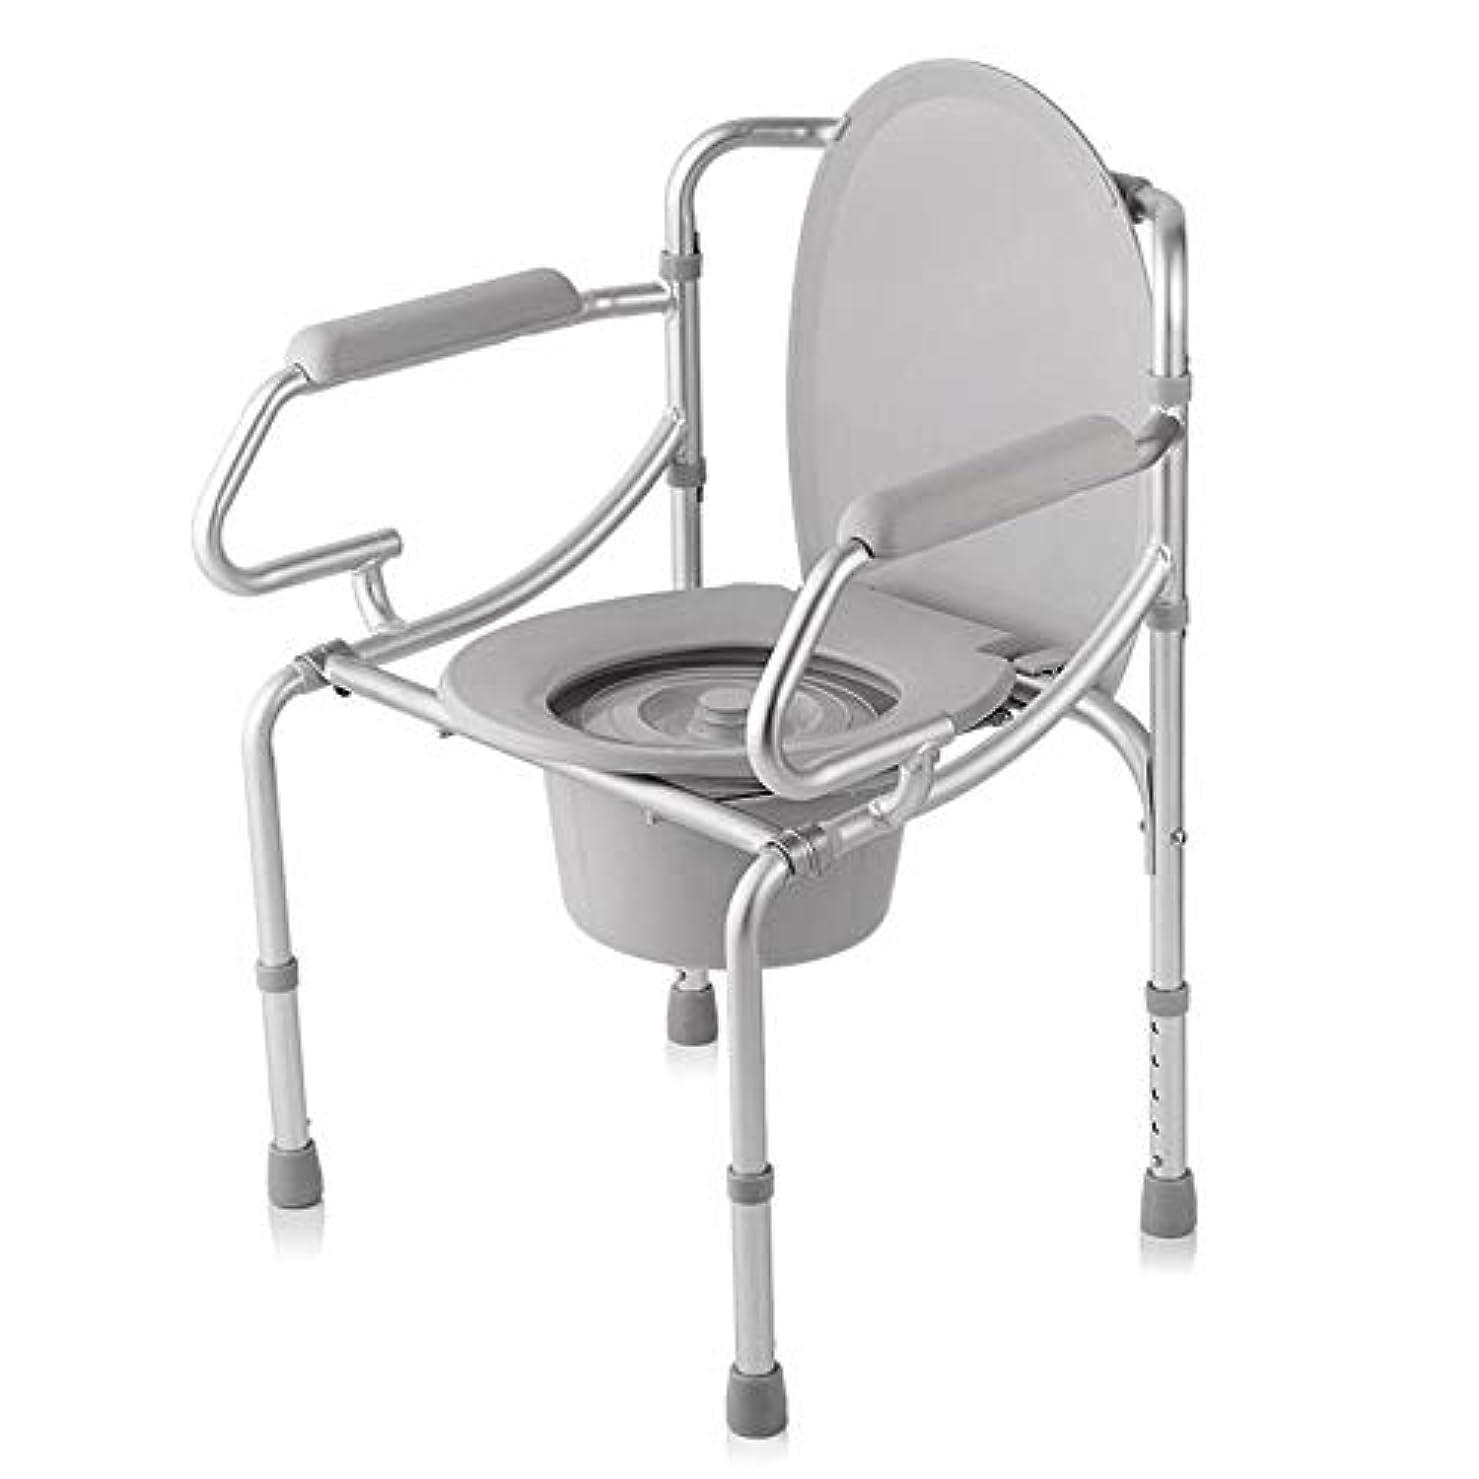 指導する二次時計調節可能な便器椅子、取り外し可能なパッド入りシートとトイレ付きの豪華な折りたたみ軽量便器